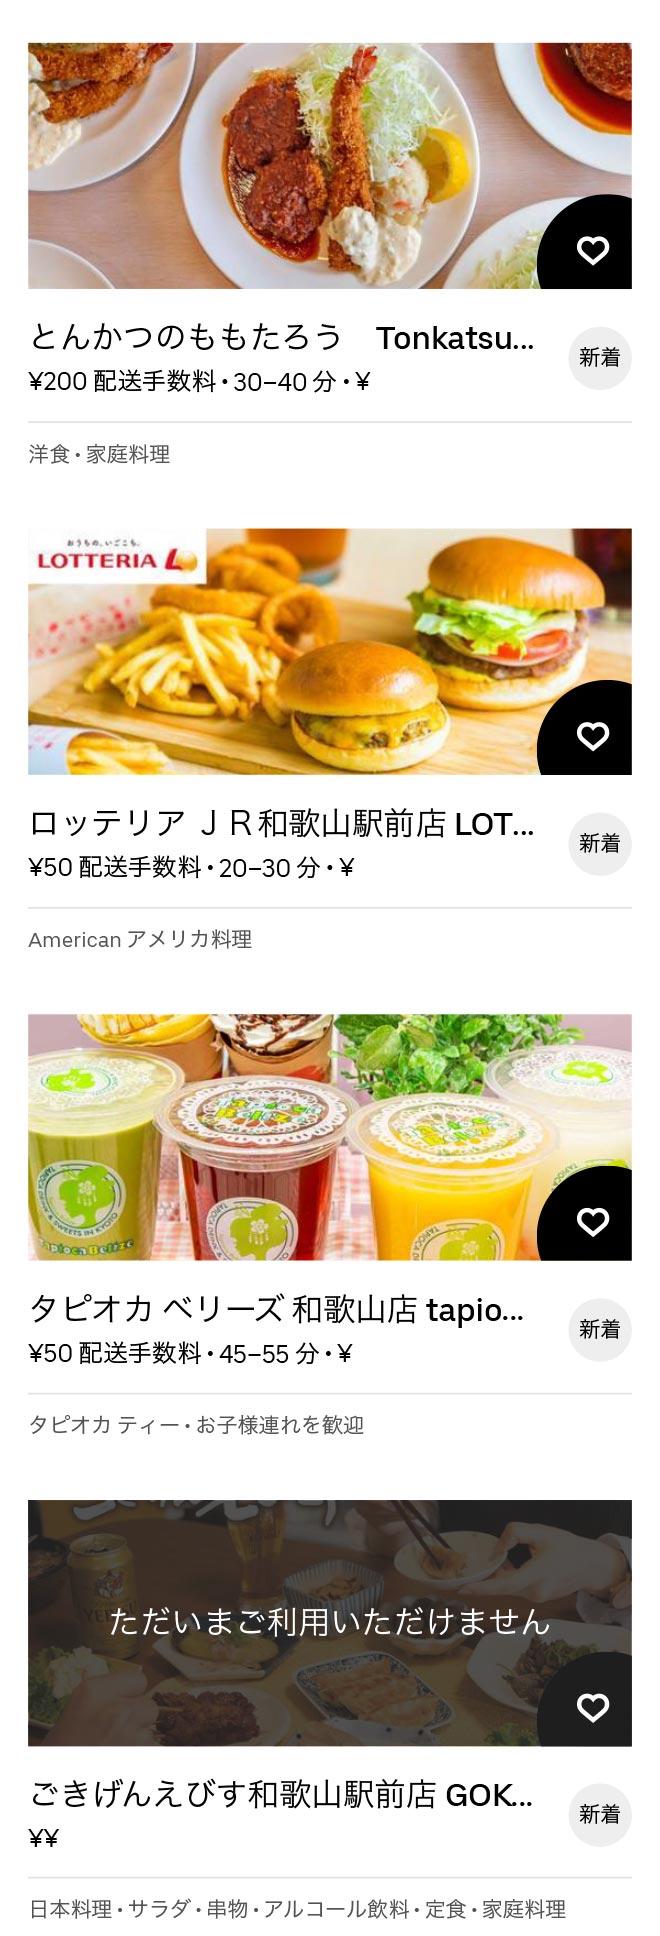 Wakayama menu 2011 5